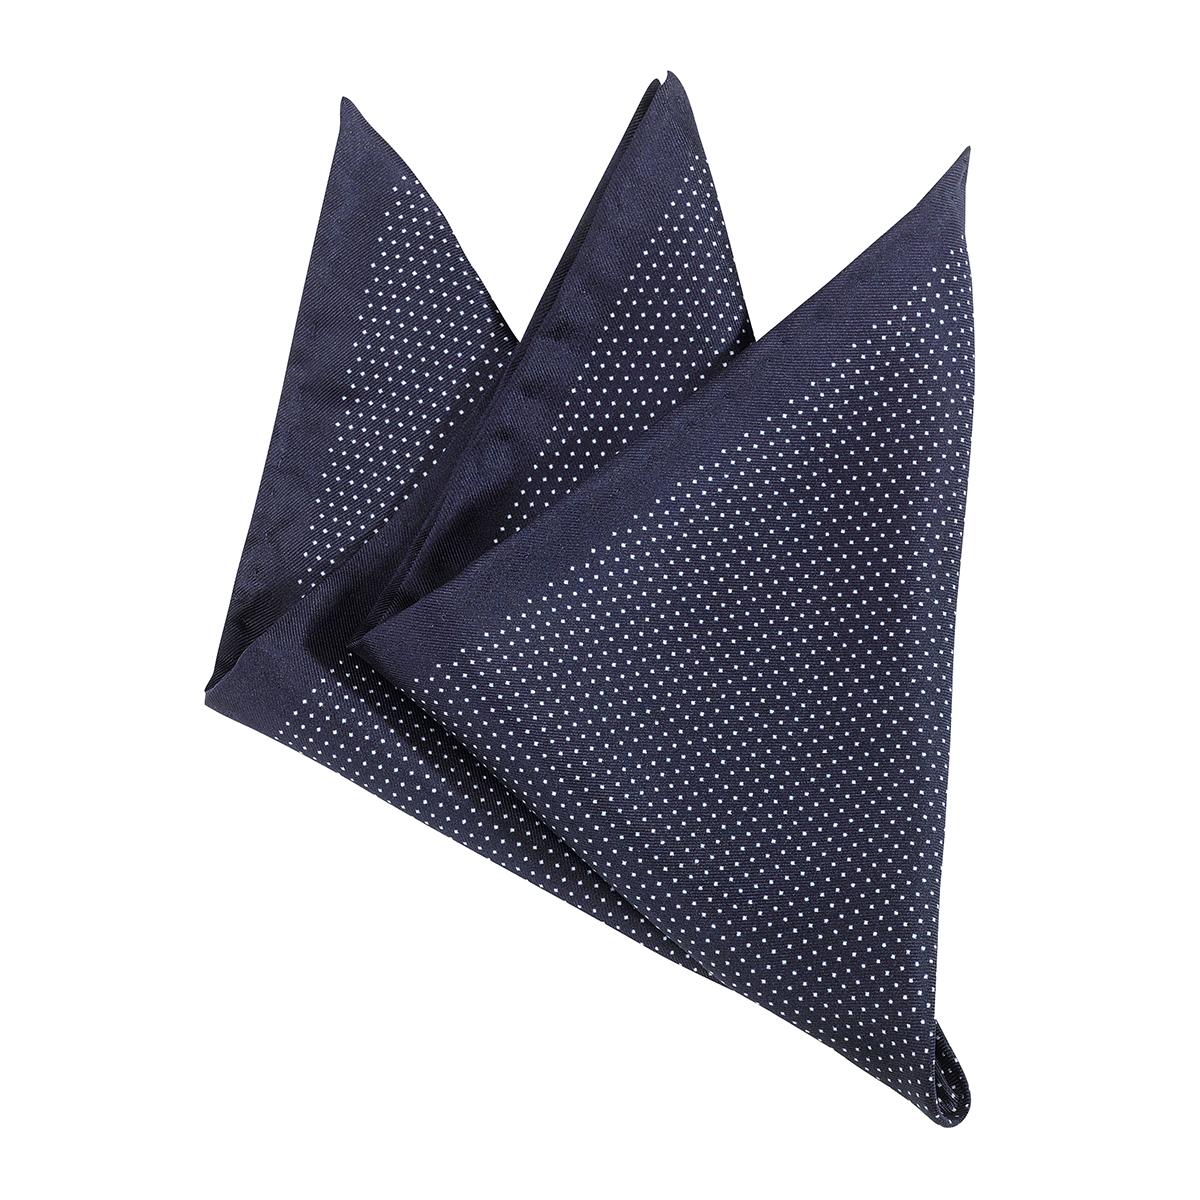 beste Schuhe Genieße den reduzierten Preis vielfältig Stile Olymp dunkelblaues Einstecktuch mit feinen Punkten